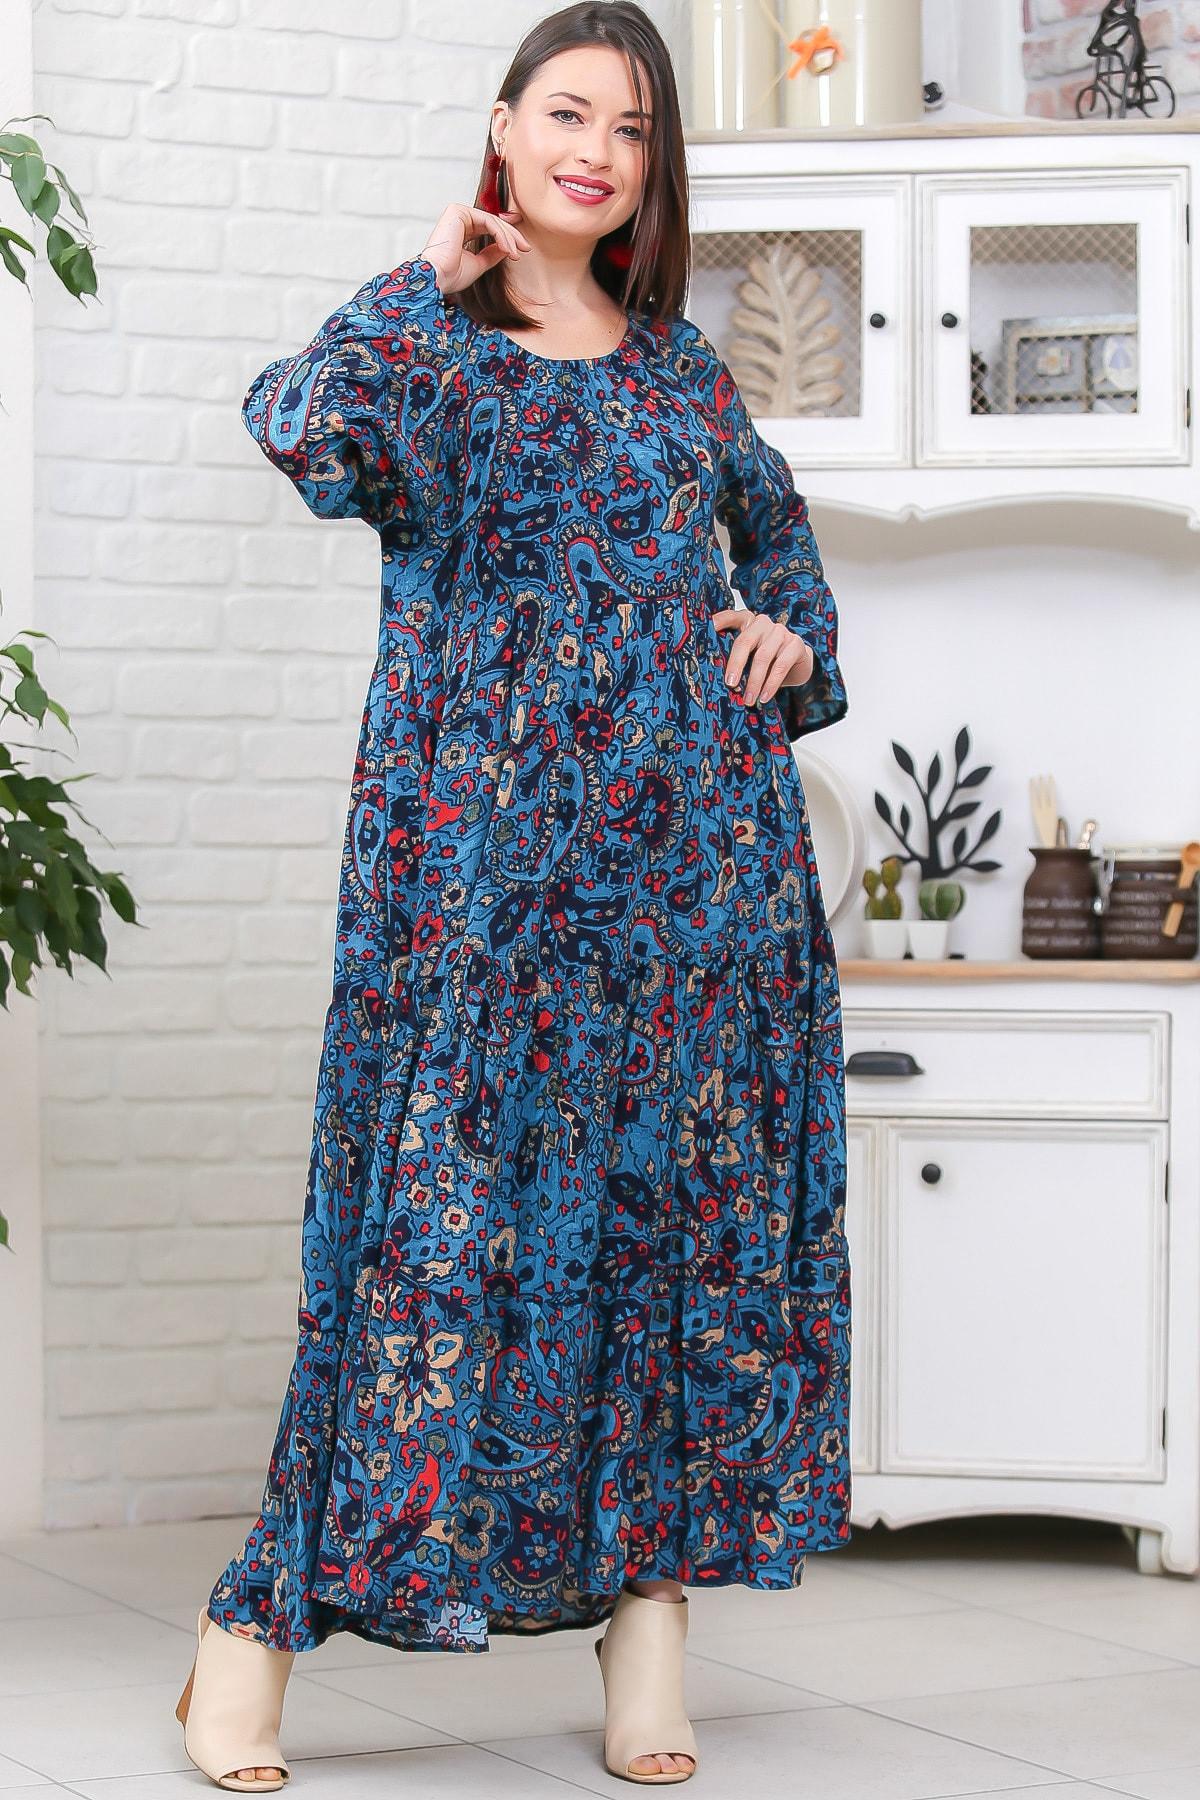 Chiccy Kadın Petrol Mavisi Bohem Çiçek Desenli Kolları Volanlı Dokuma Elbise M10160000EL96973 3